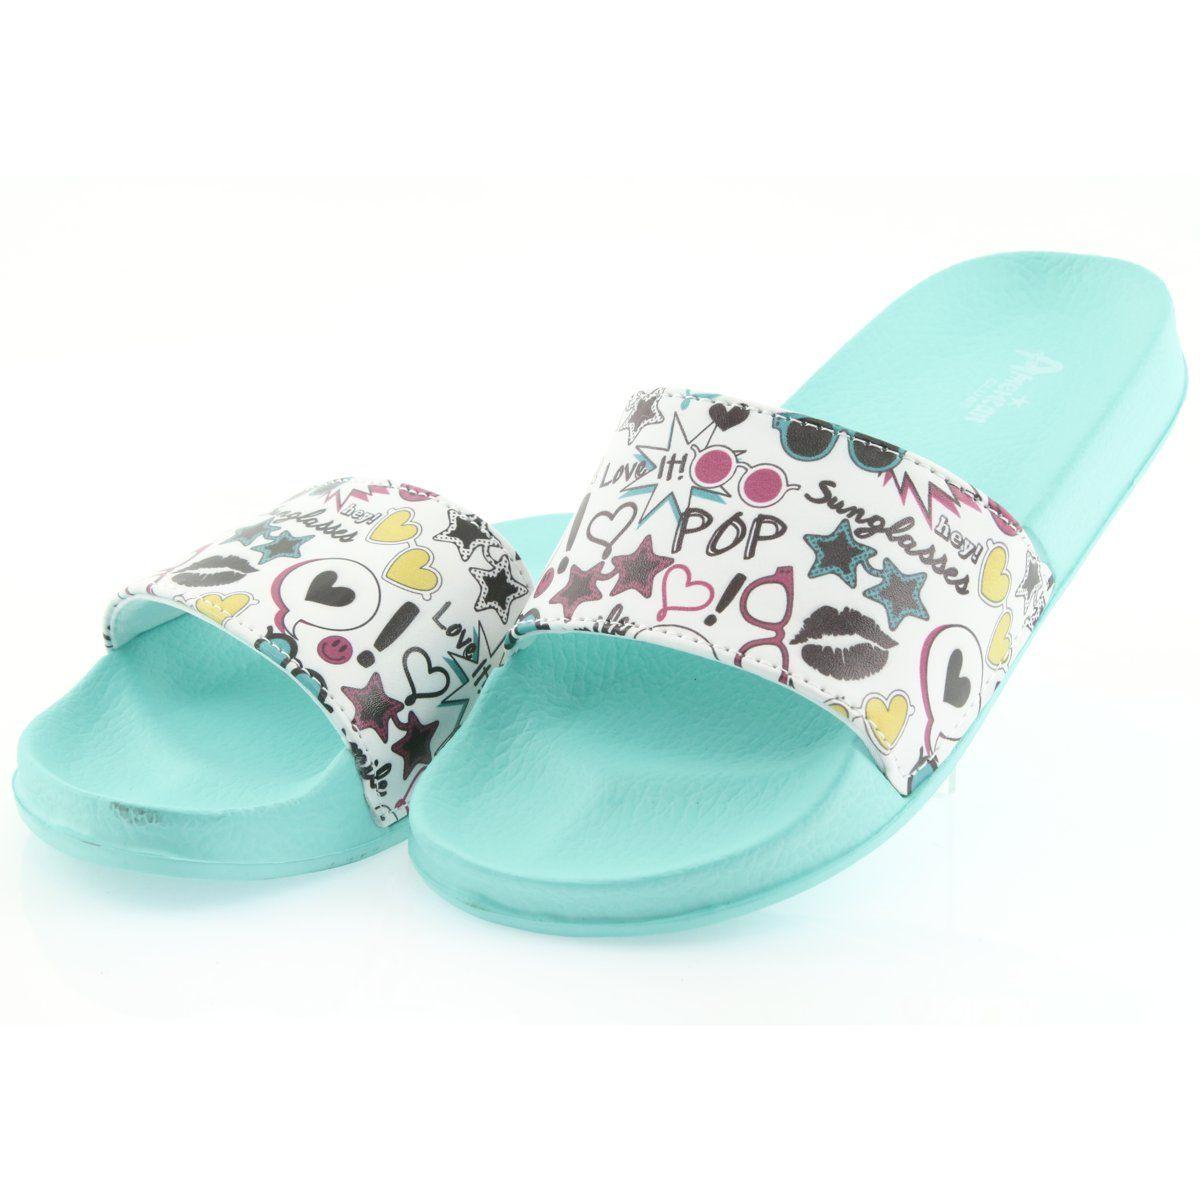 Klapki Dla Dzieci Americanclub Klapki Sunglasses Profilowane American Club Zielone Shoes Sandals Fashion